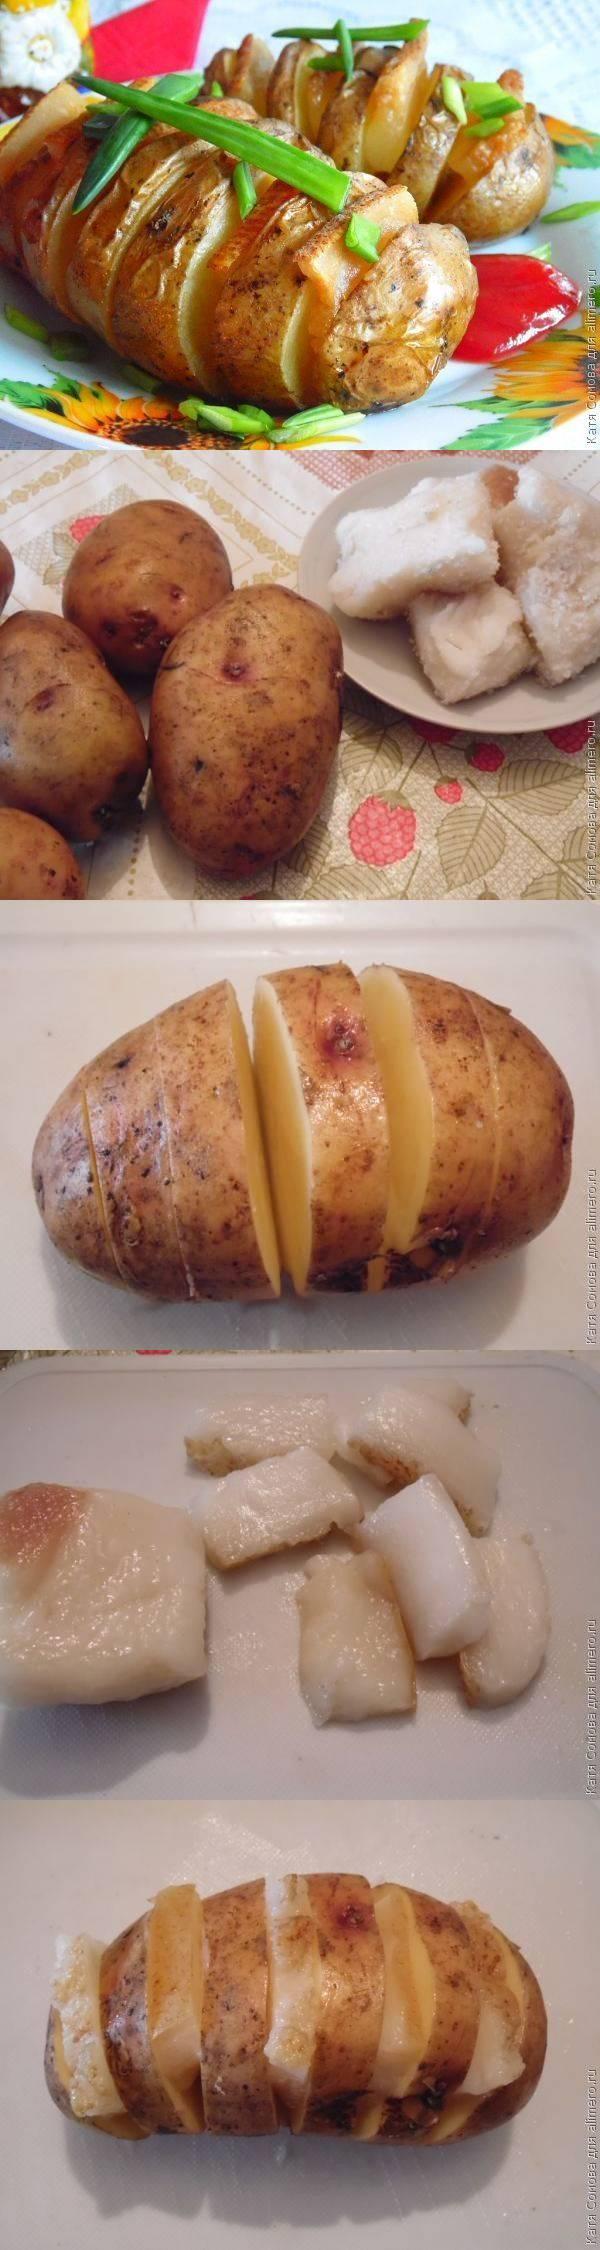 Картофель по-домашнему с салом